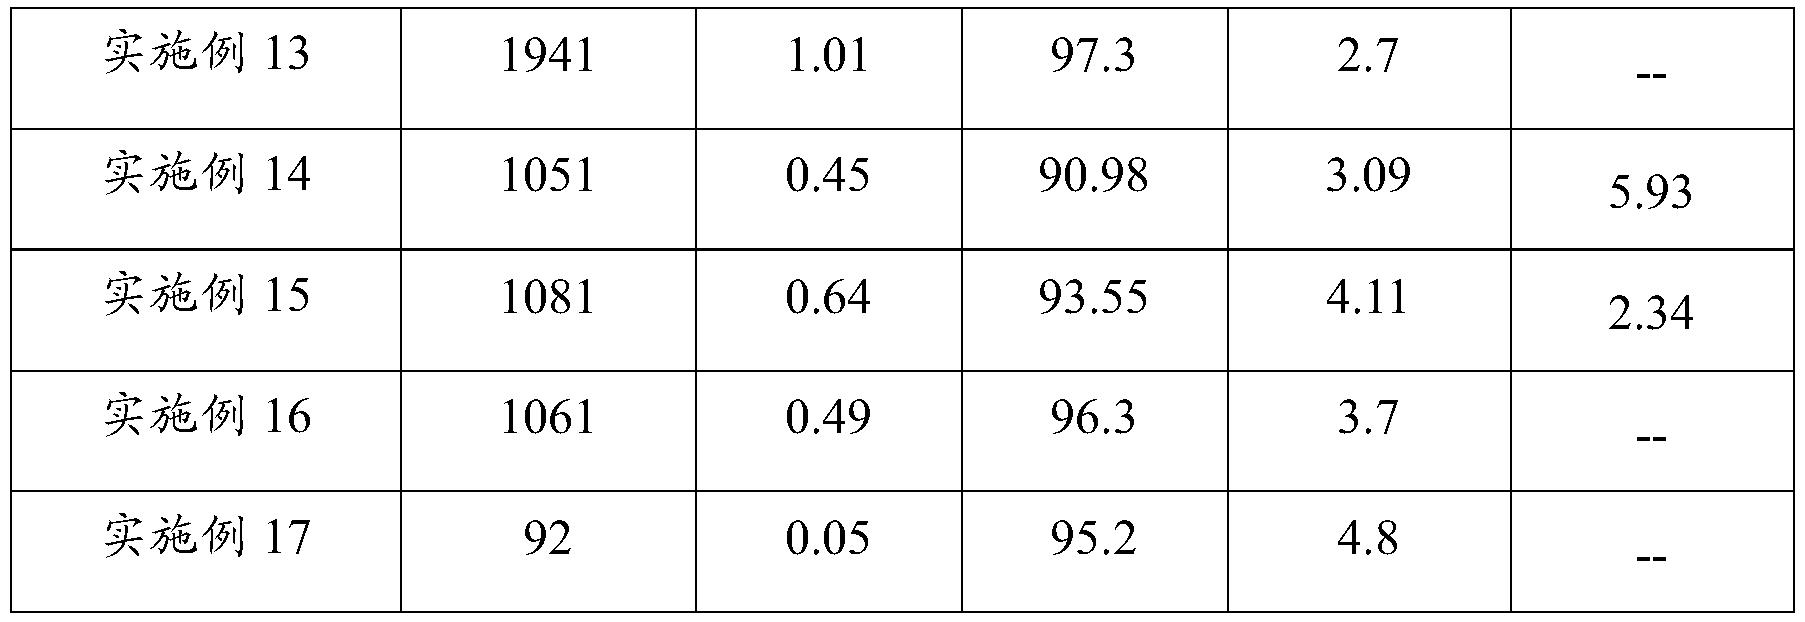 Figure PCTCN2016081961-appb-000008